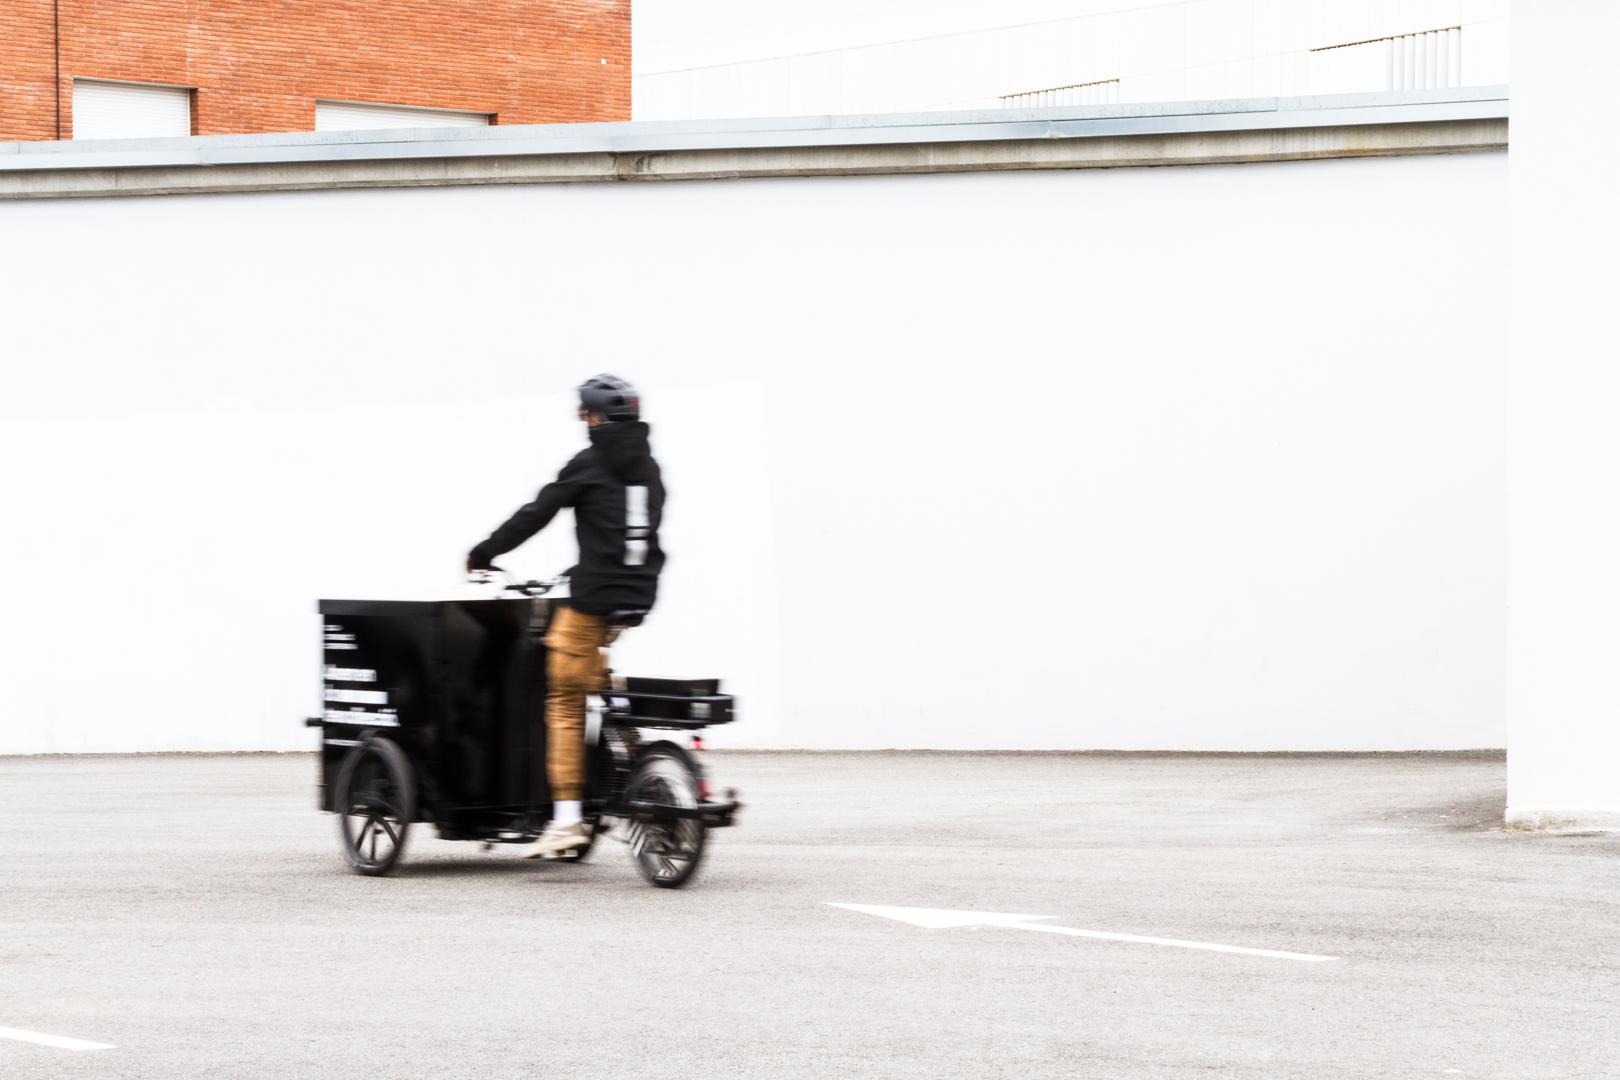 Foto en moviment del tricicle d'esquenes.